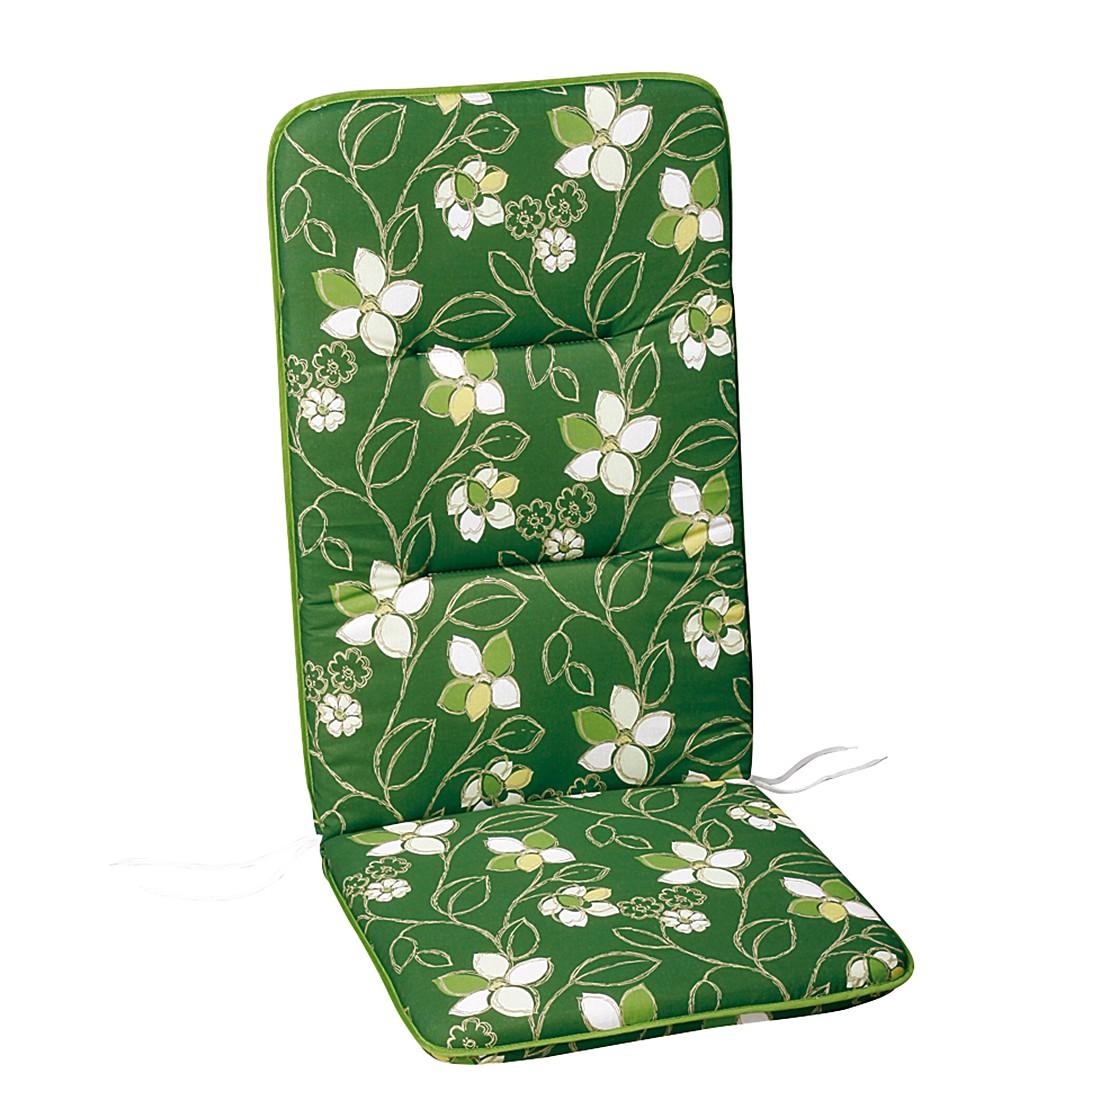 Polsterauflage Akelai - Floral gemustert - Grün - Niederlehner - 100 x 50 cm, Best Freizeitmöbel